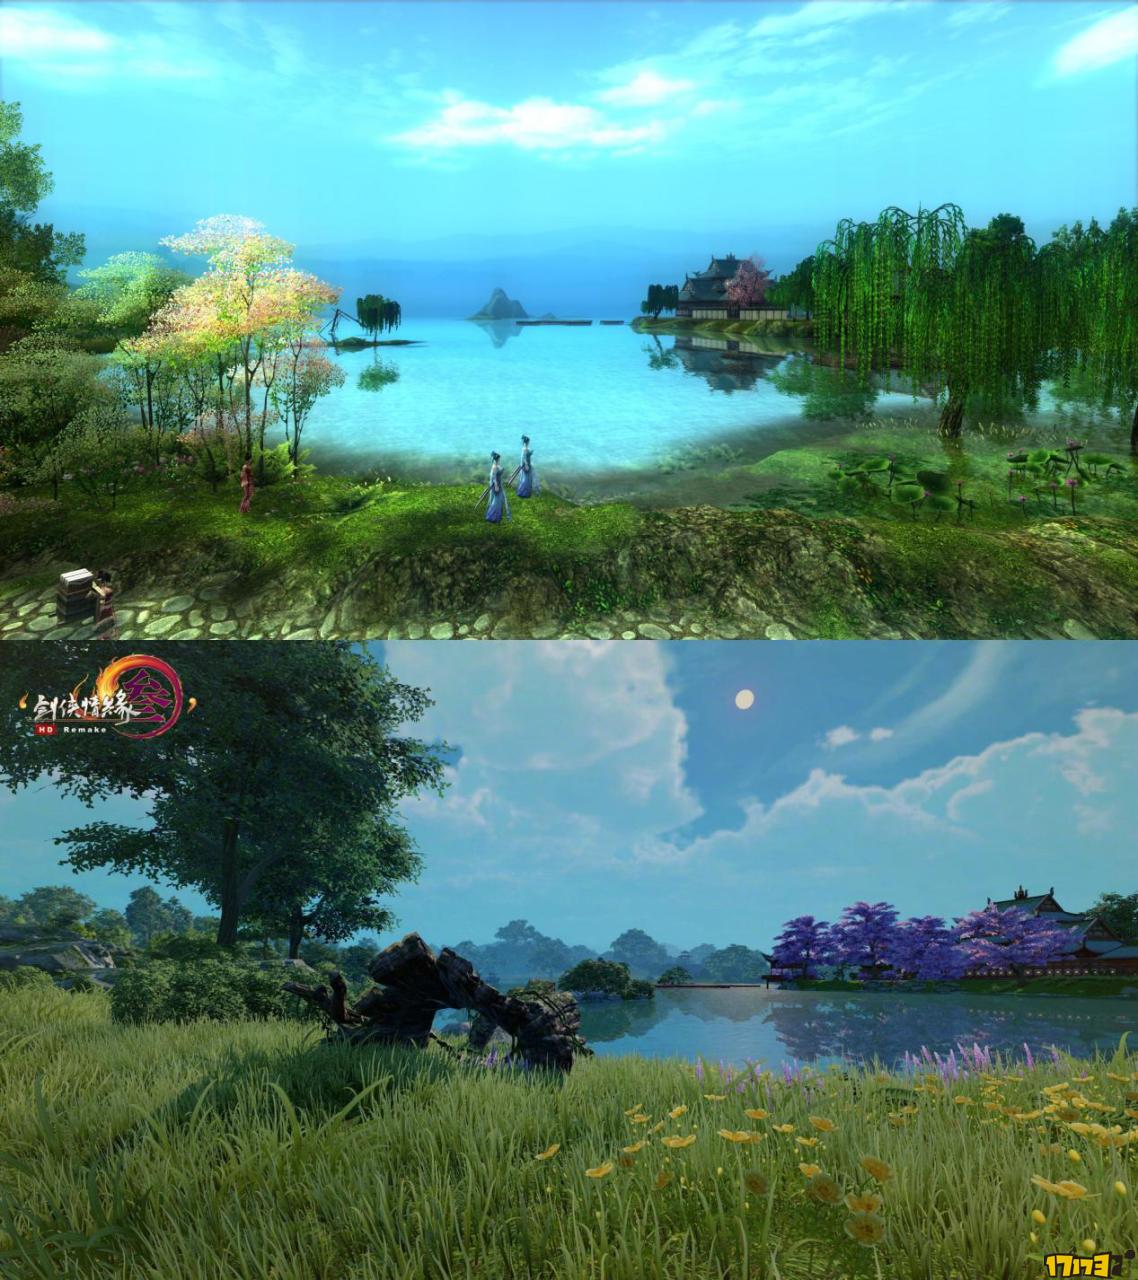 高清两个镜头风景图片